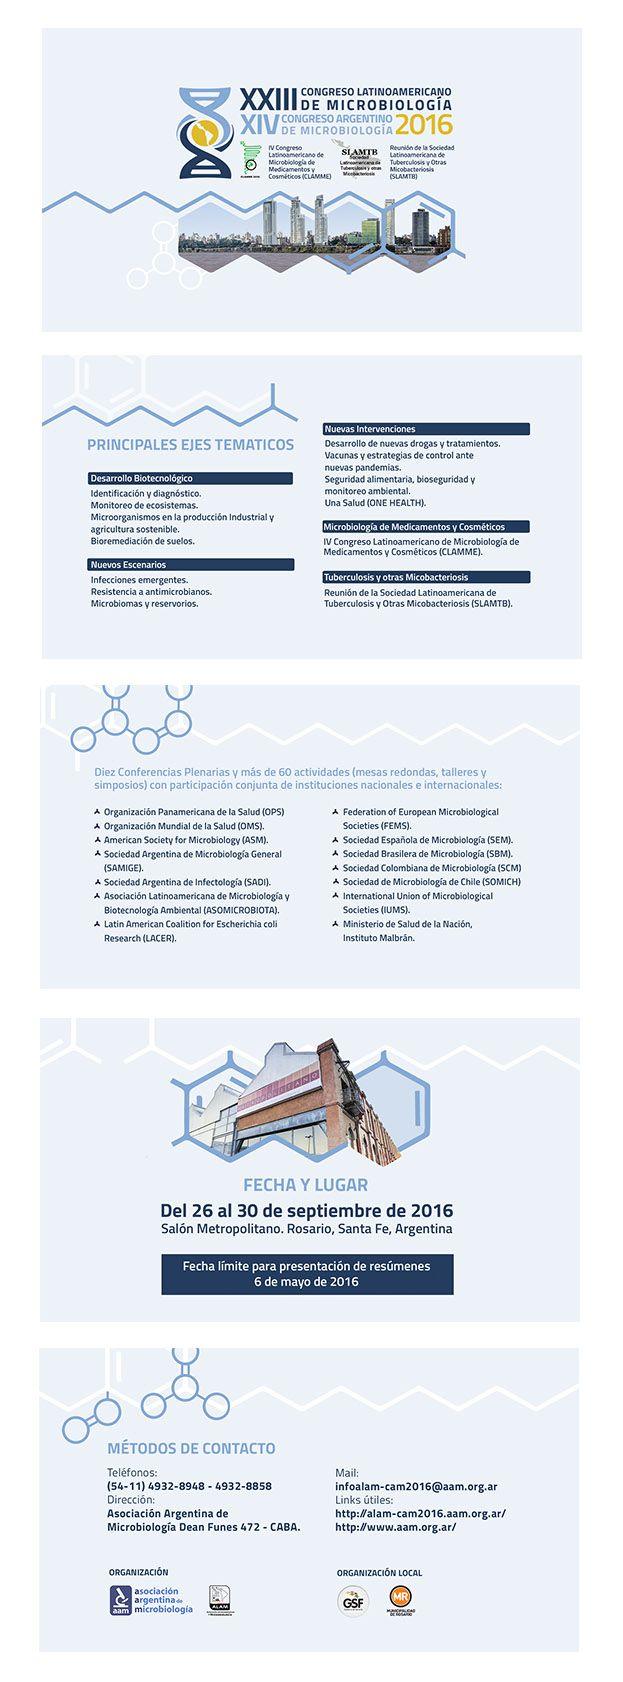 Diapositivas para Congreso de Microbiología (ppt), 2016. Made by me.